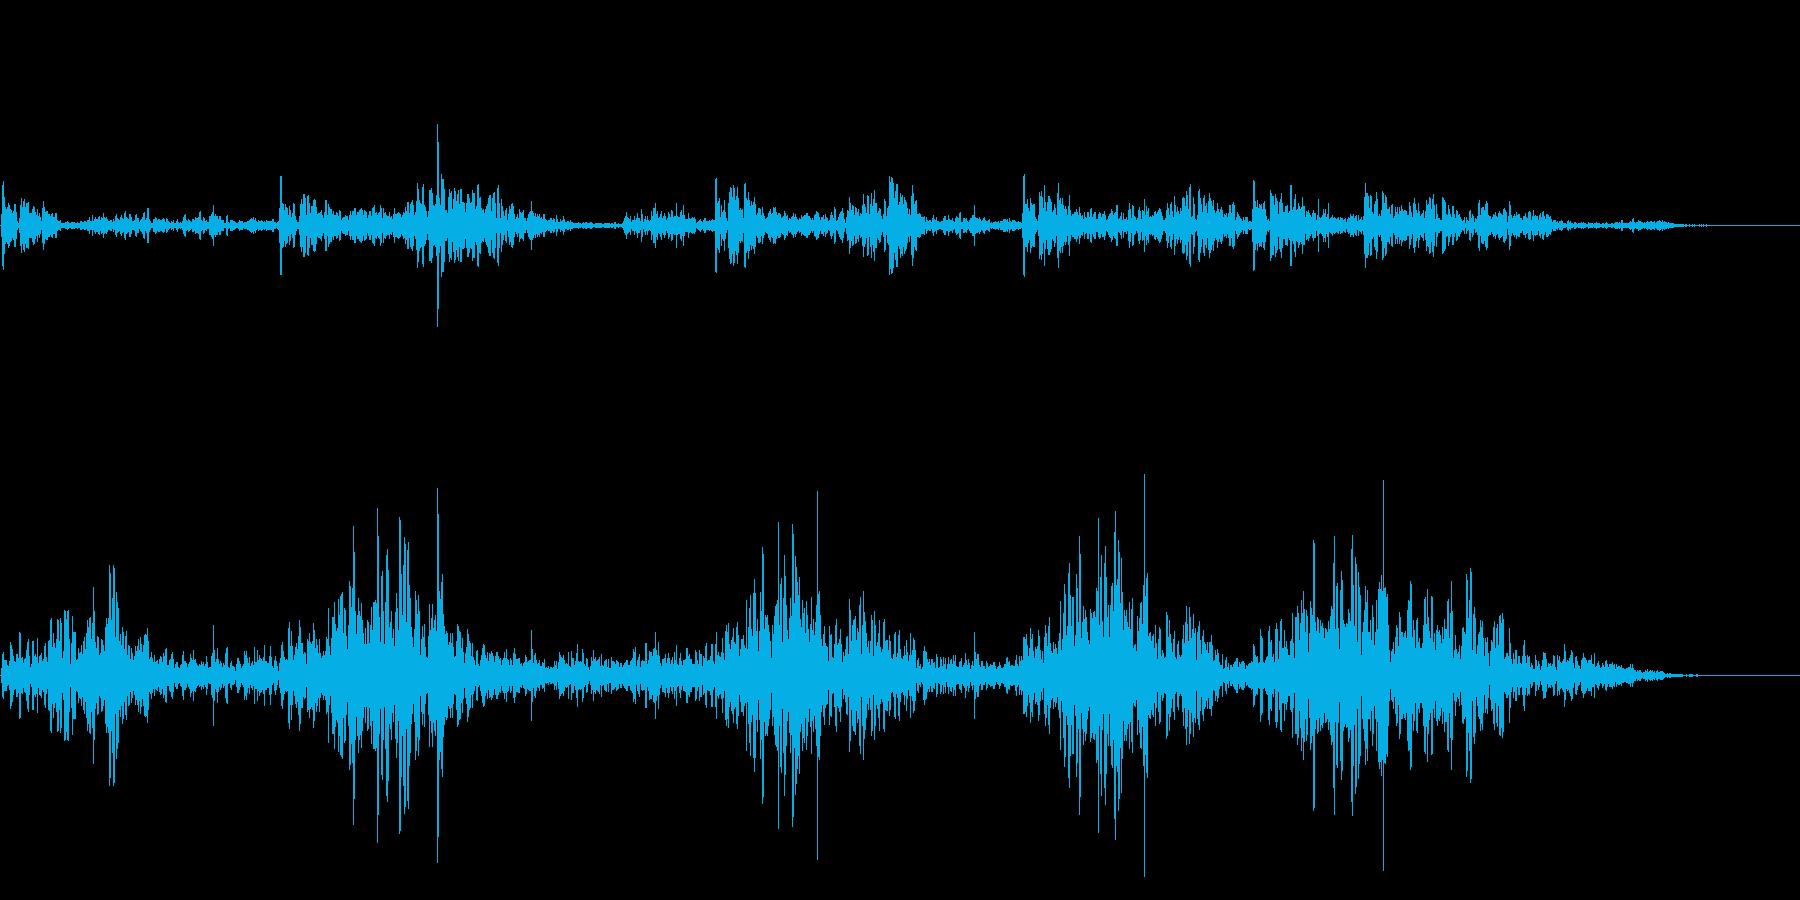 水から気泡があふれる音・水滴の落ちる音の再生済みの波形